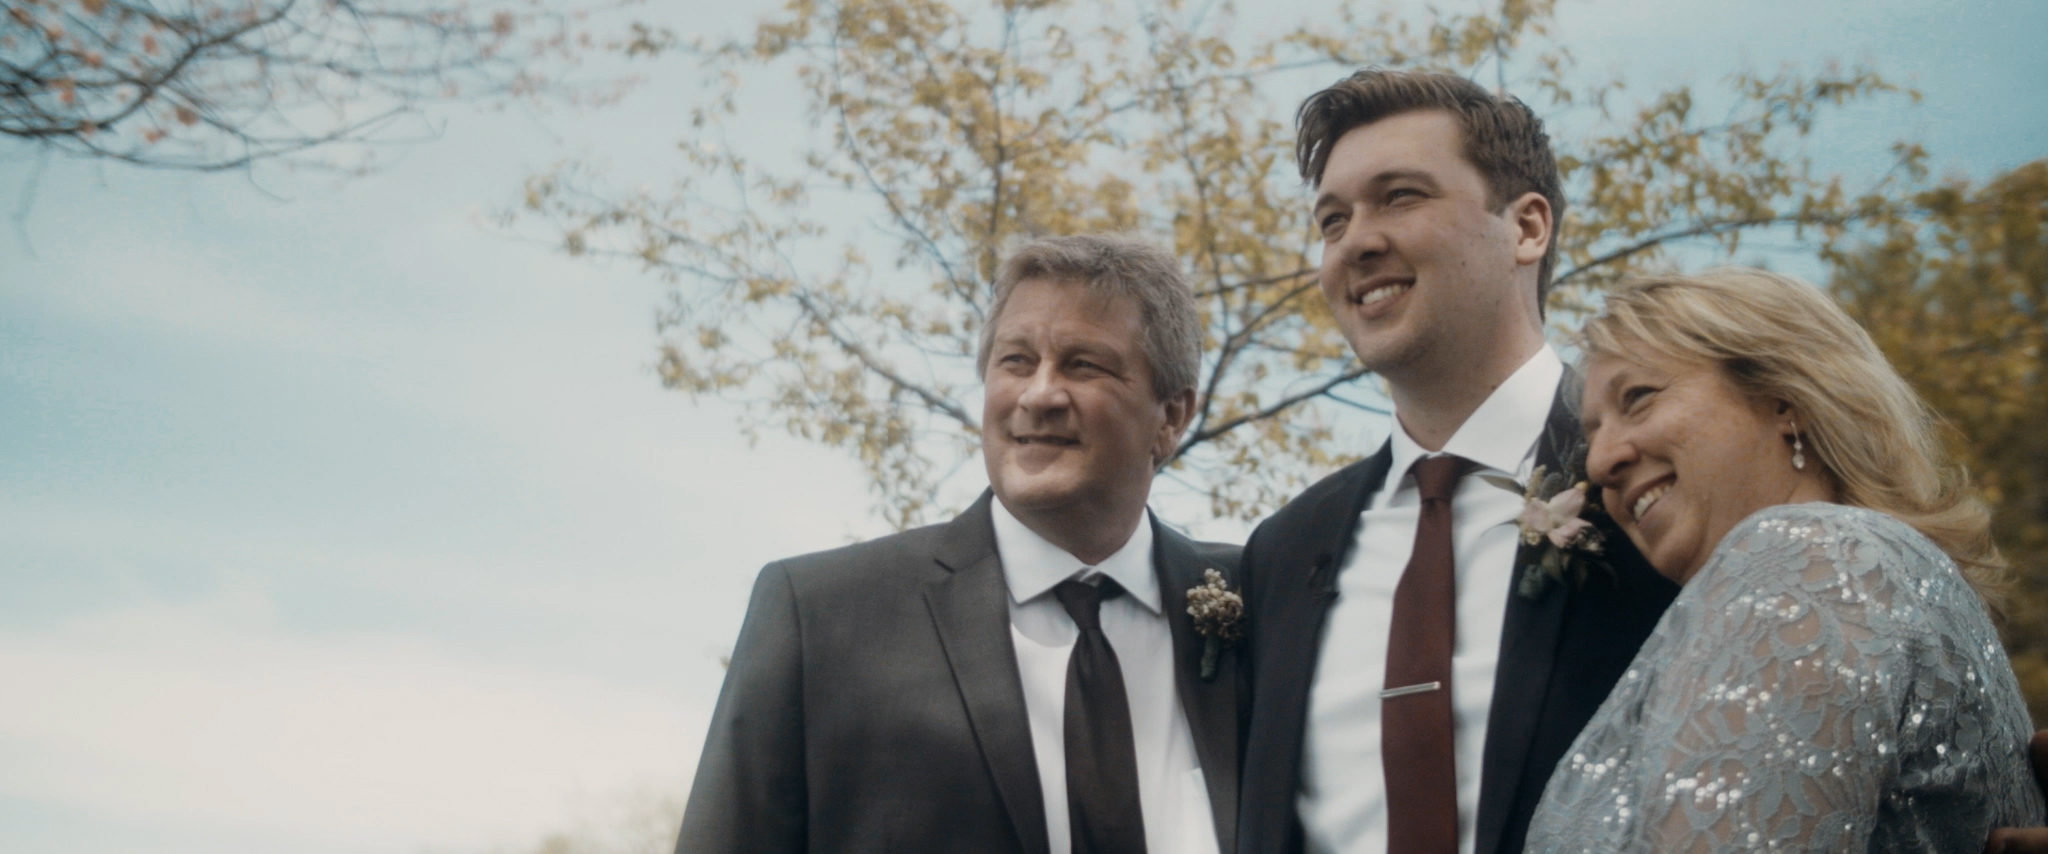 HAVENS_Wedding_Film.00_02_11_05.Still025.jpg